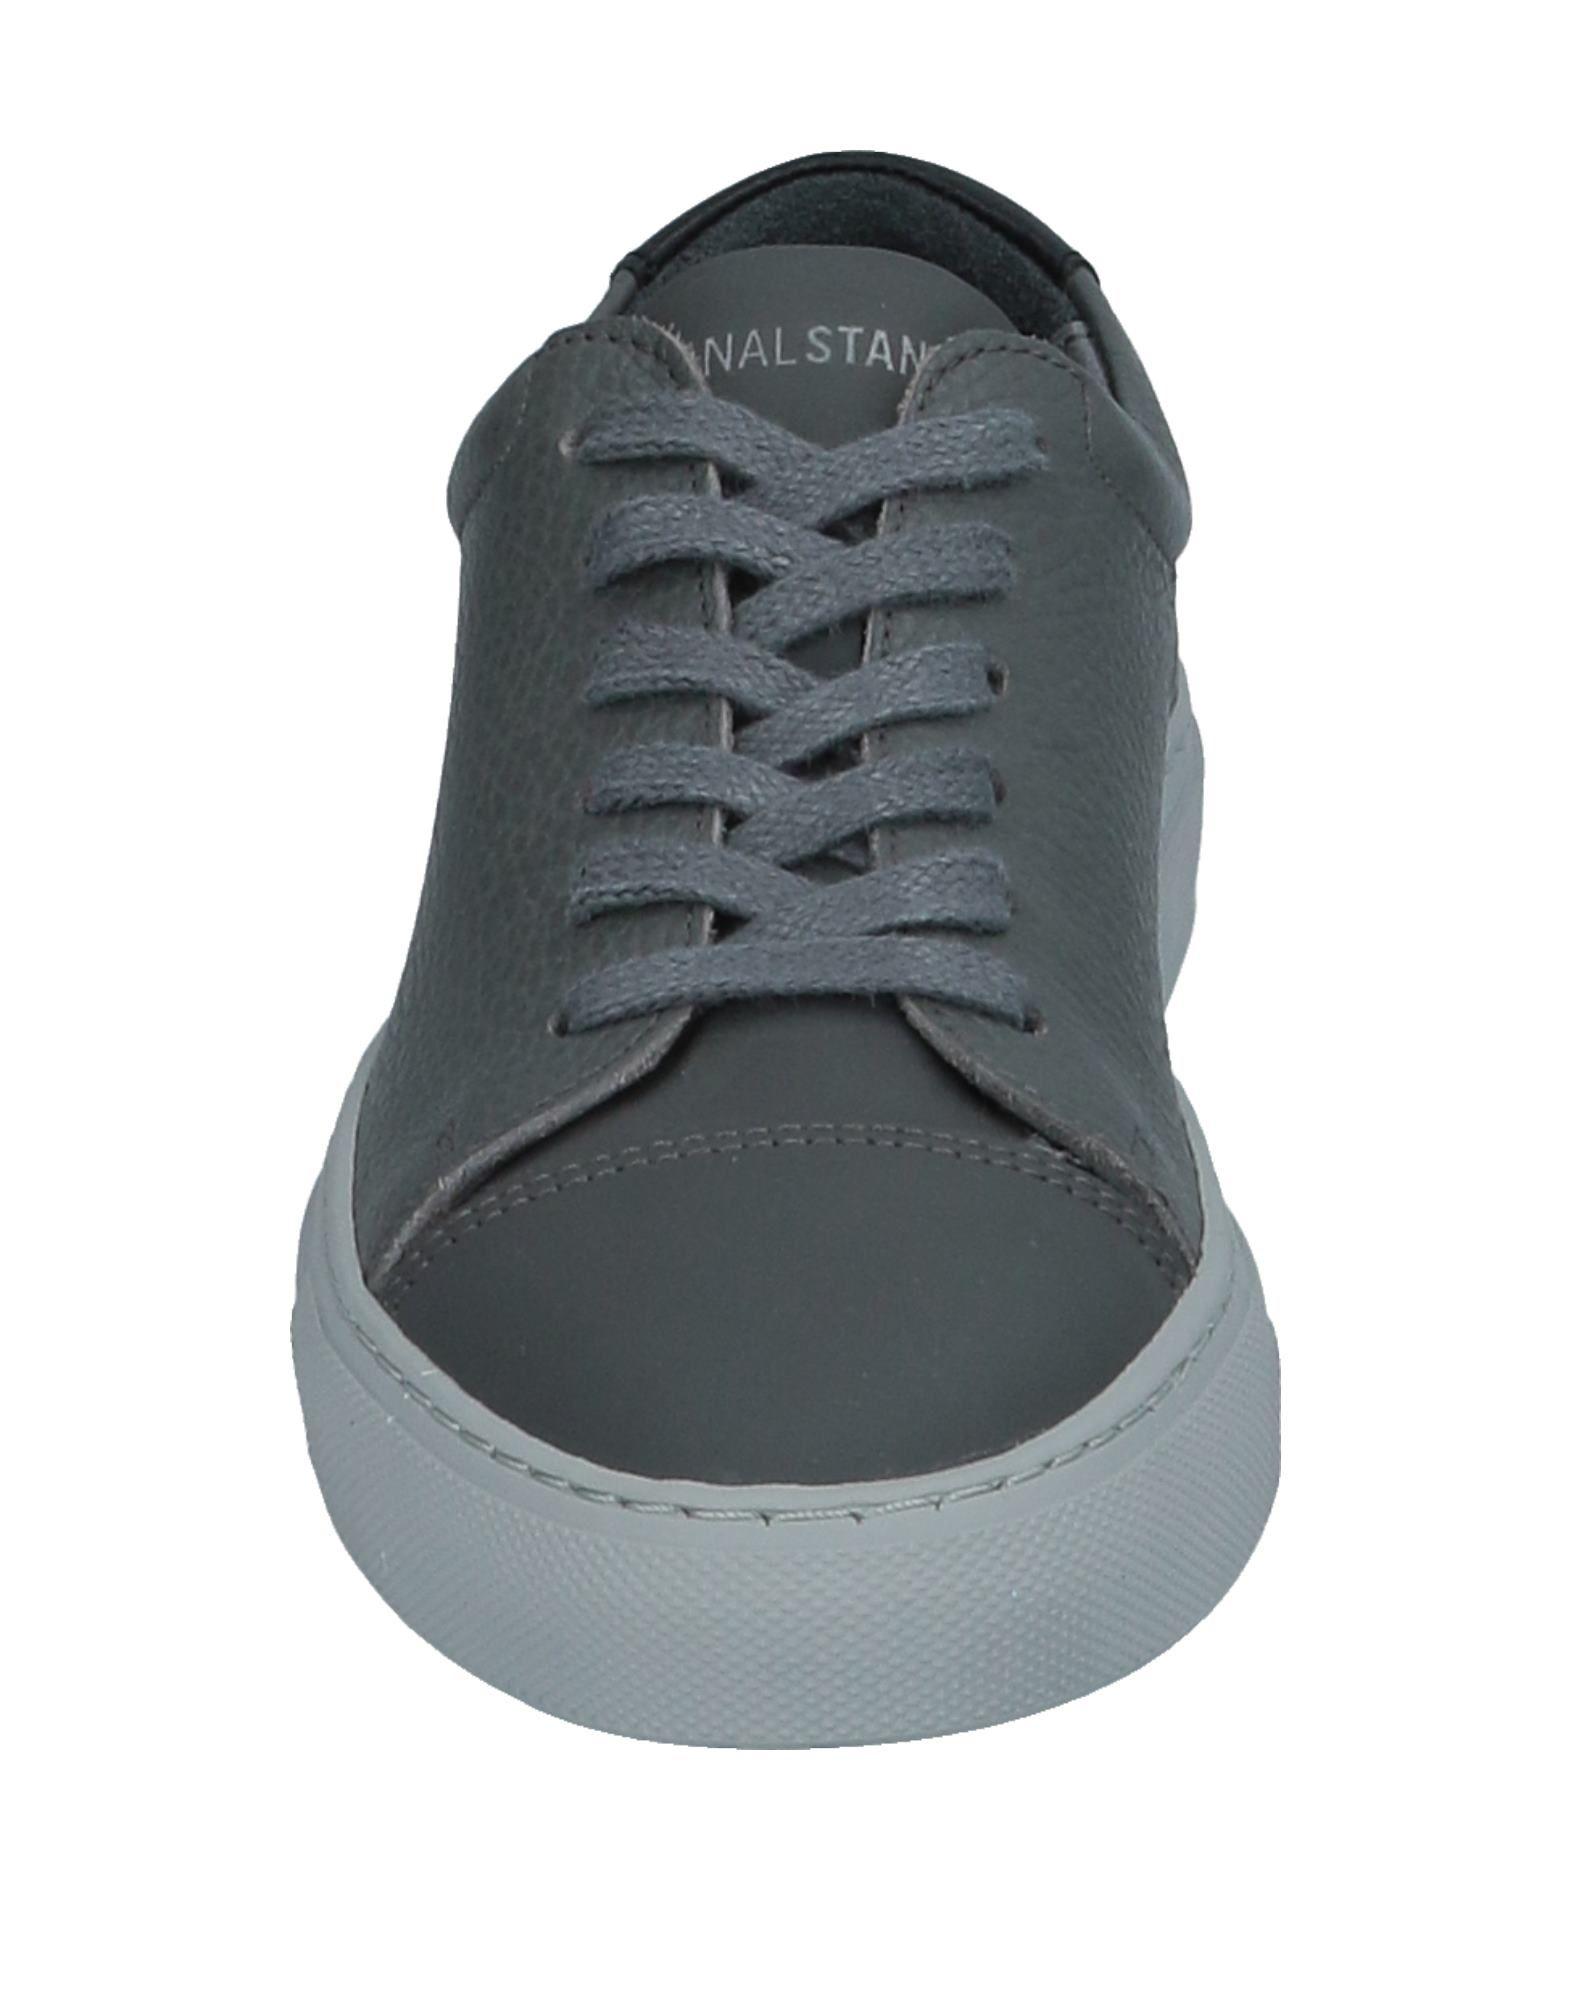 National Standard Sneakers Damen Neue  11539486CR Neue Damen Schuhe d780b4